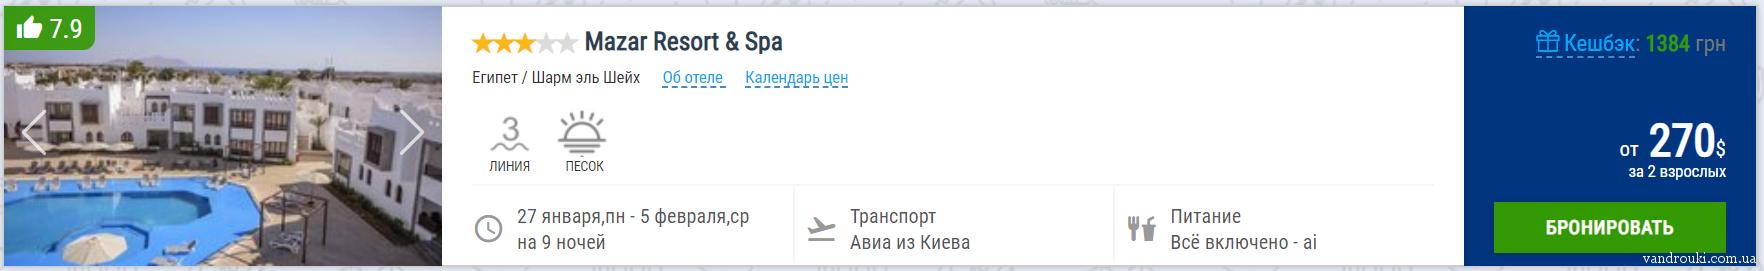 Горящий тур из Киева в Египет, на 9 ночей, всего за 122€ с человека! Всё включено